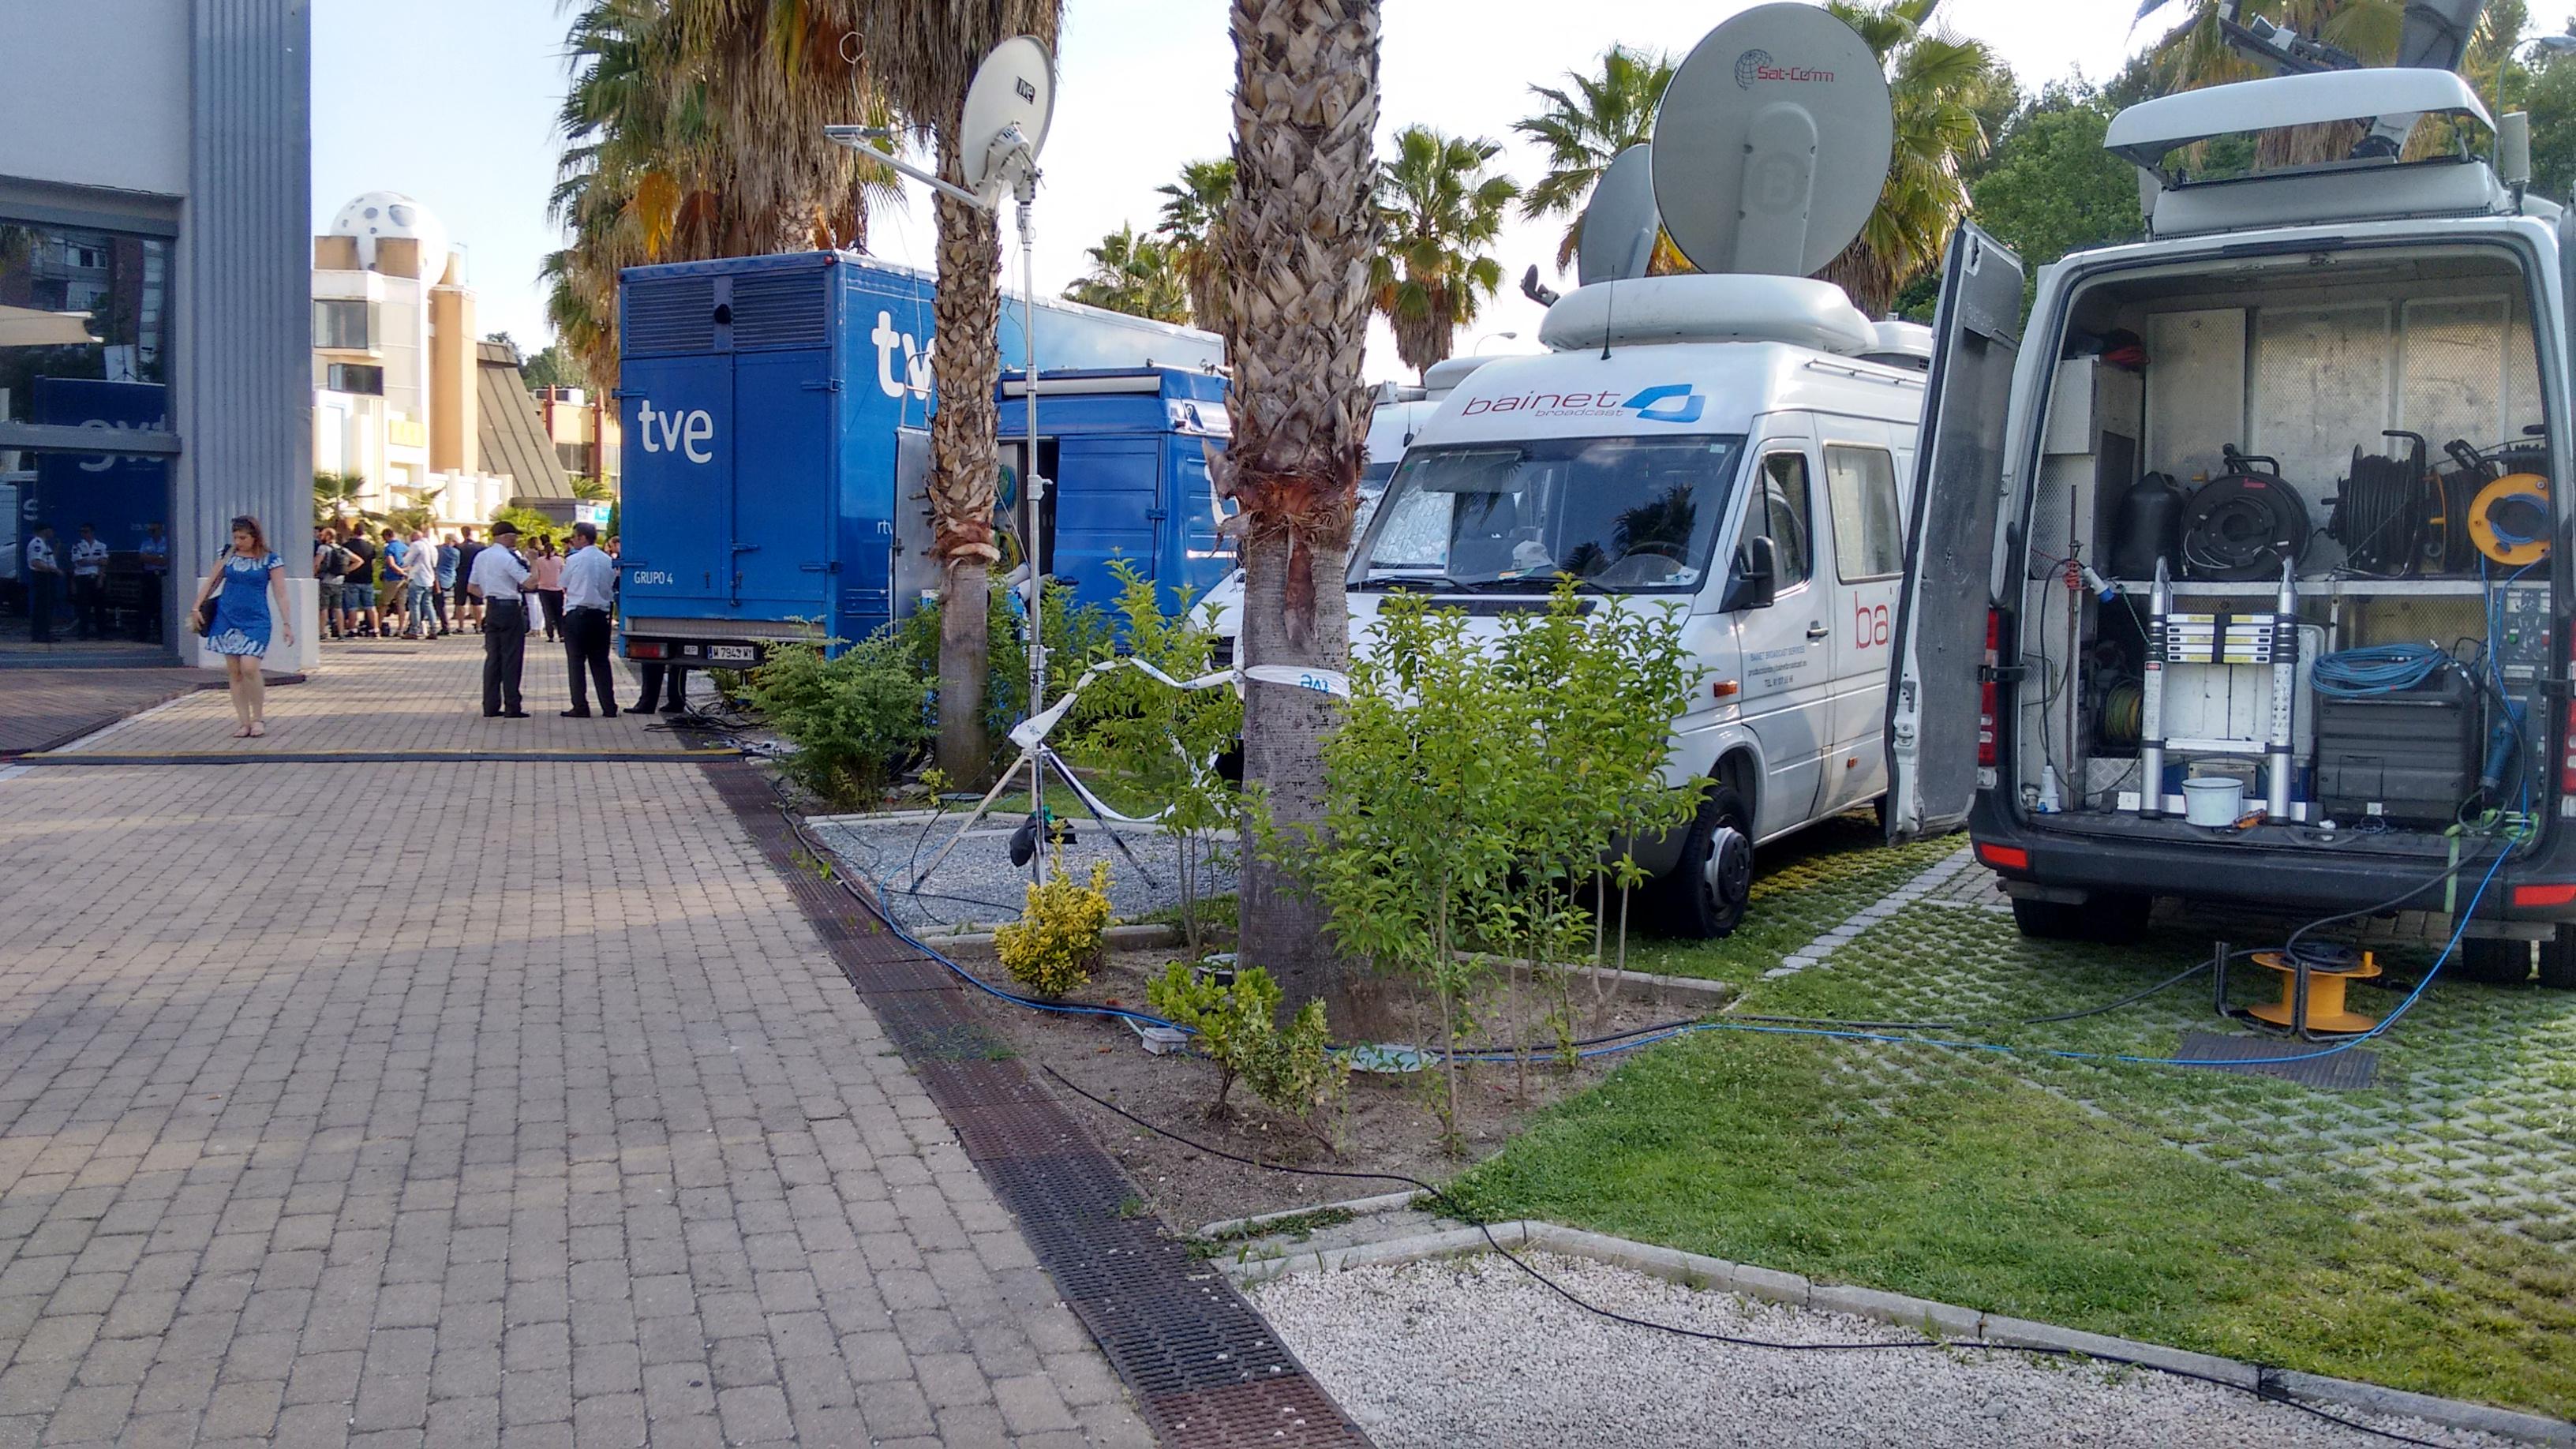 Unidades móviles de televisiones. (Foto: OKDIARIO)